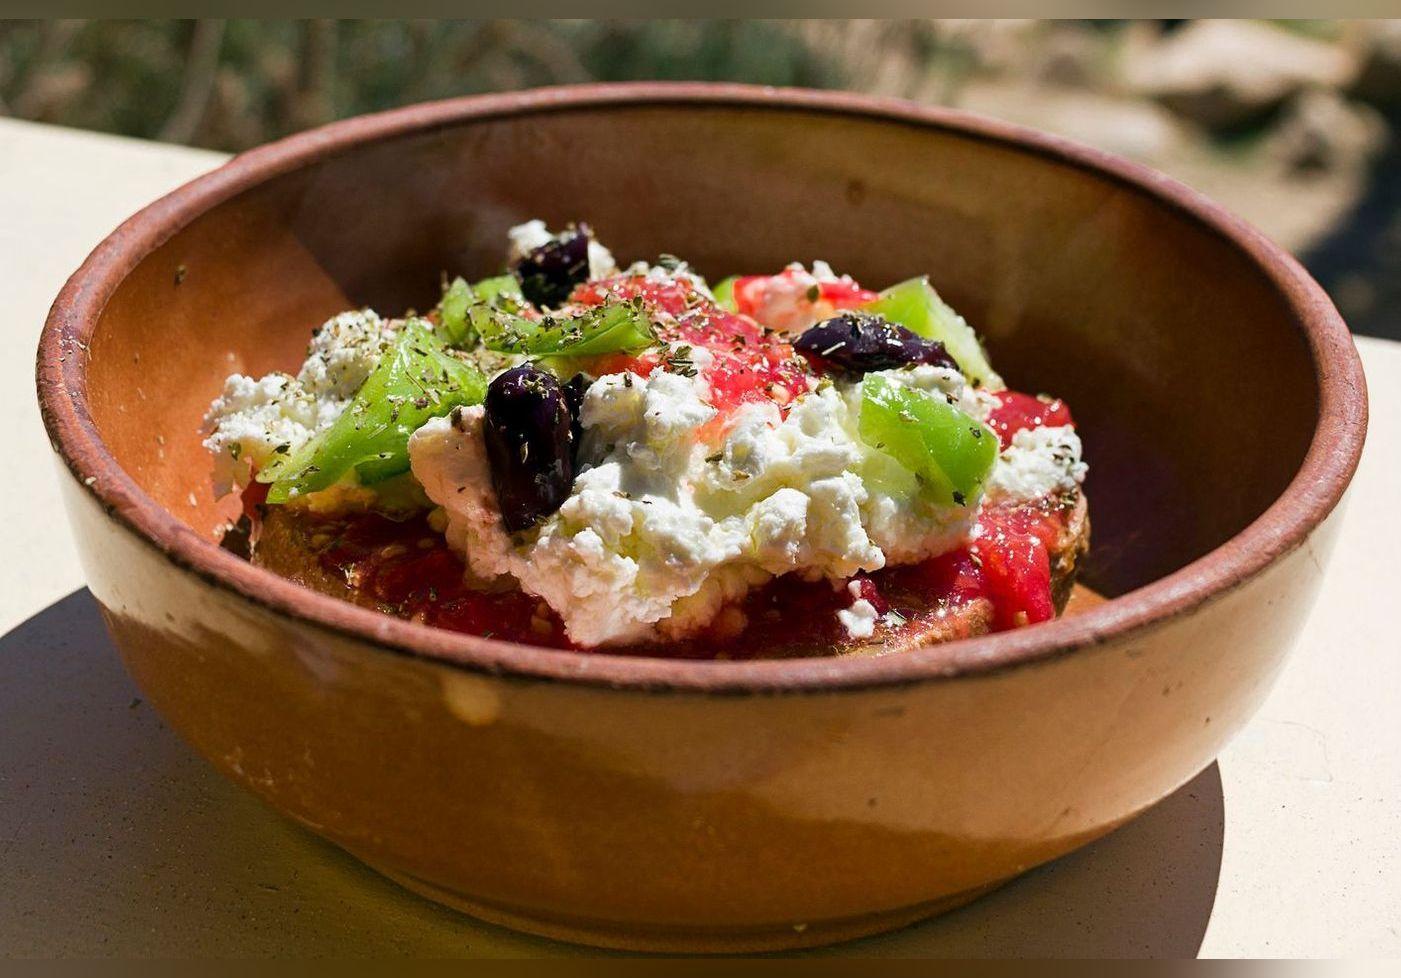 Julie Andrieu nous fait découvrir la salade crétoise et fait voyager nos papilles. Une recette idéale pour la saison à tester d'urgence